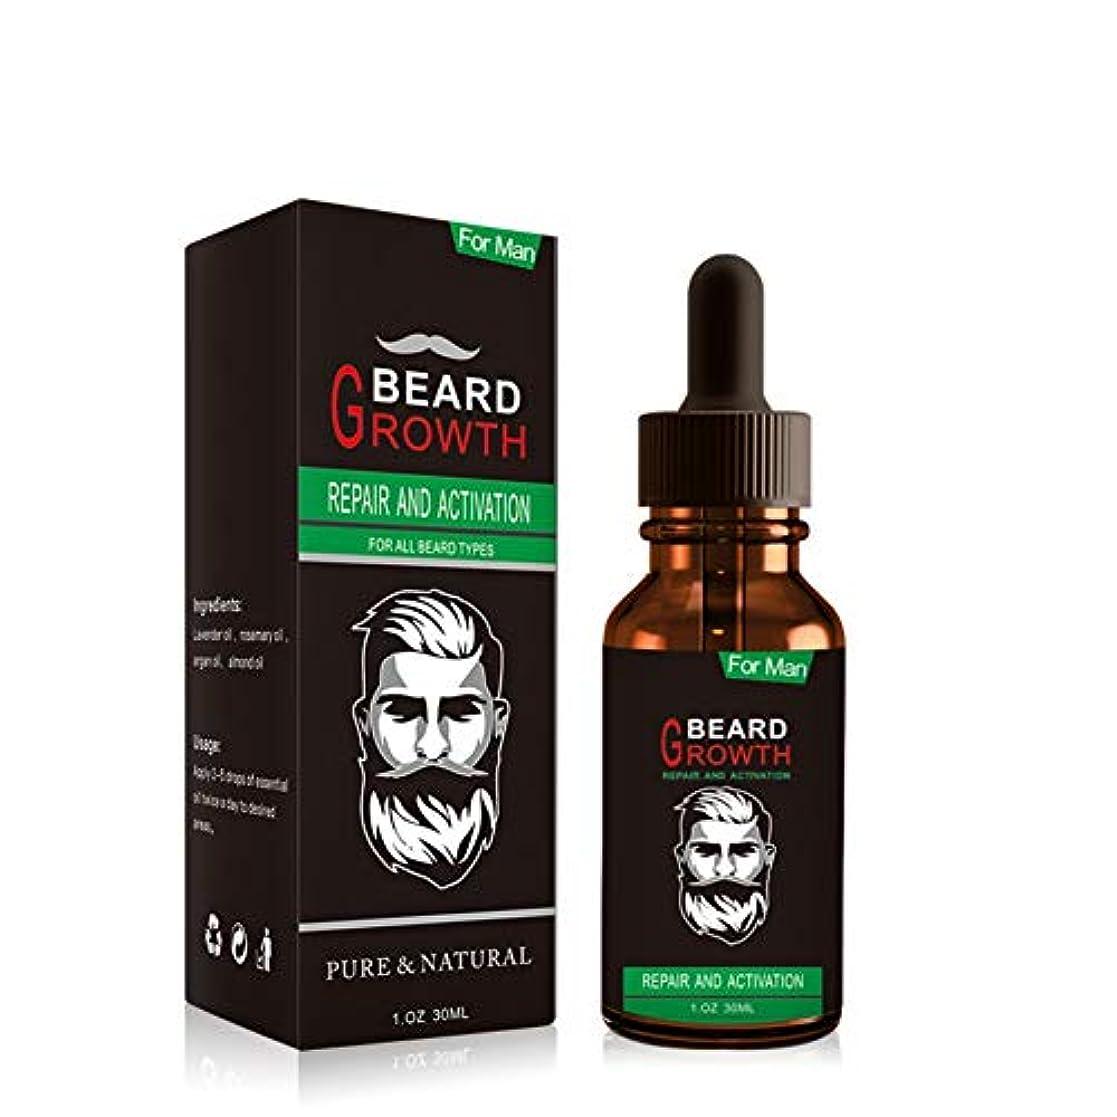 評論家靄開始Taykooひげのエッセンシャルオイルのメンテナンスひげのオイル保湿栄養柔らかくひげひげのケア成長するエッセンシャルオイル